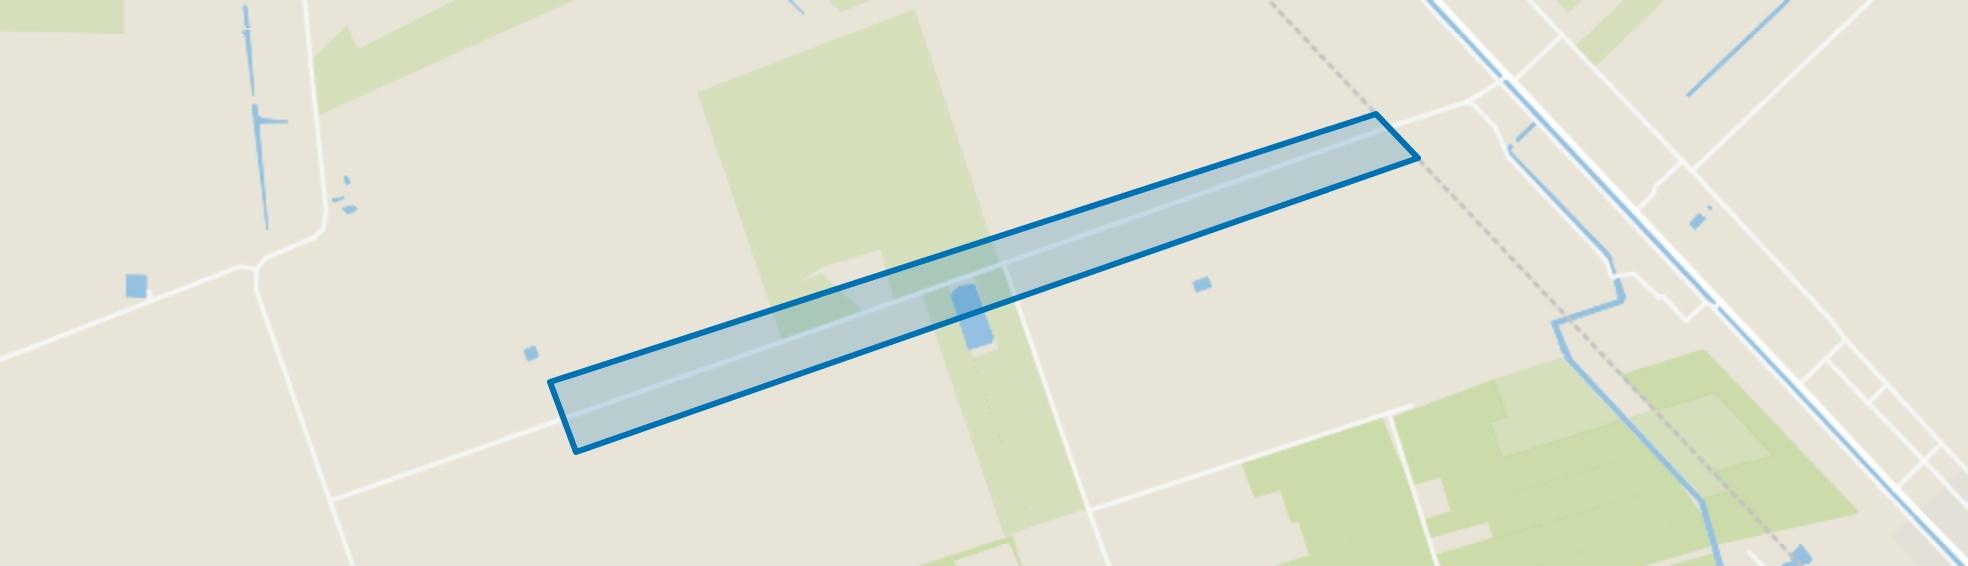 Gasselterboerveenschemond, Gasselternijveenschemond map